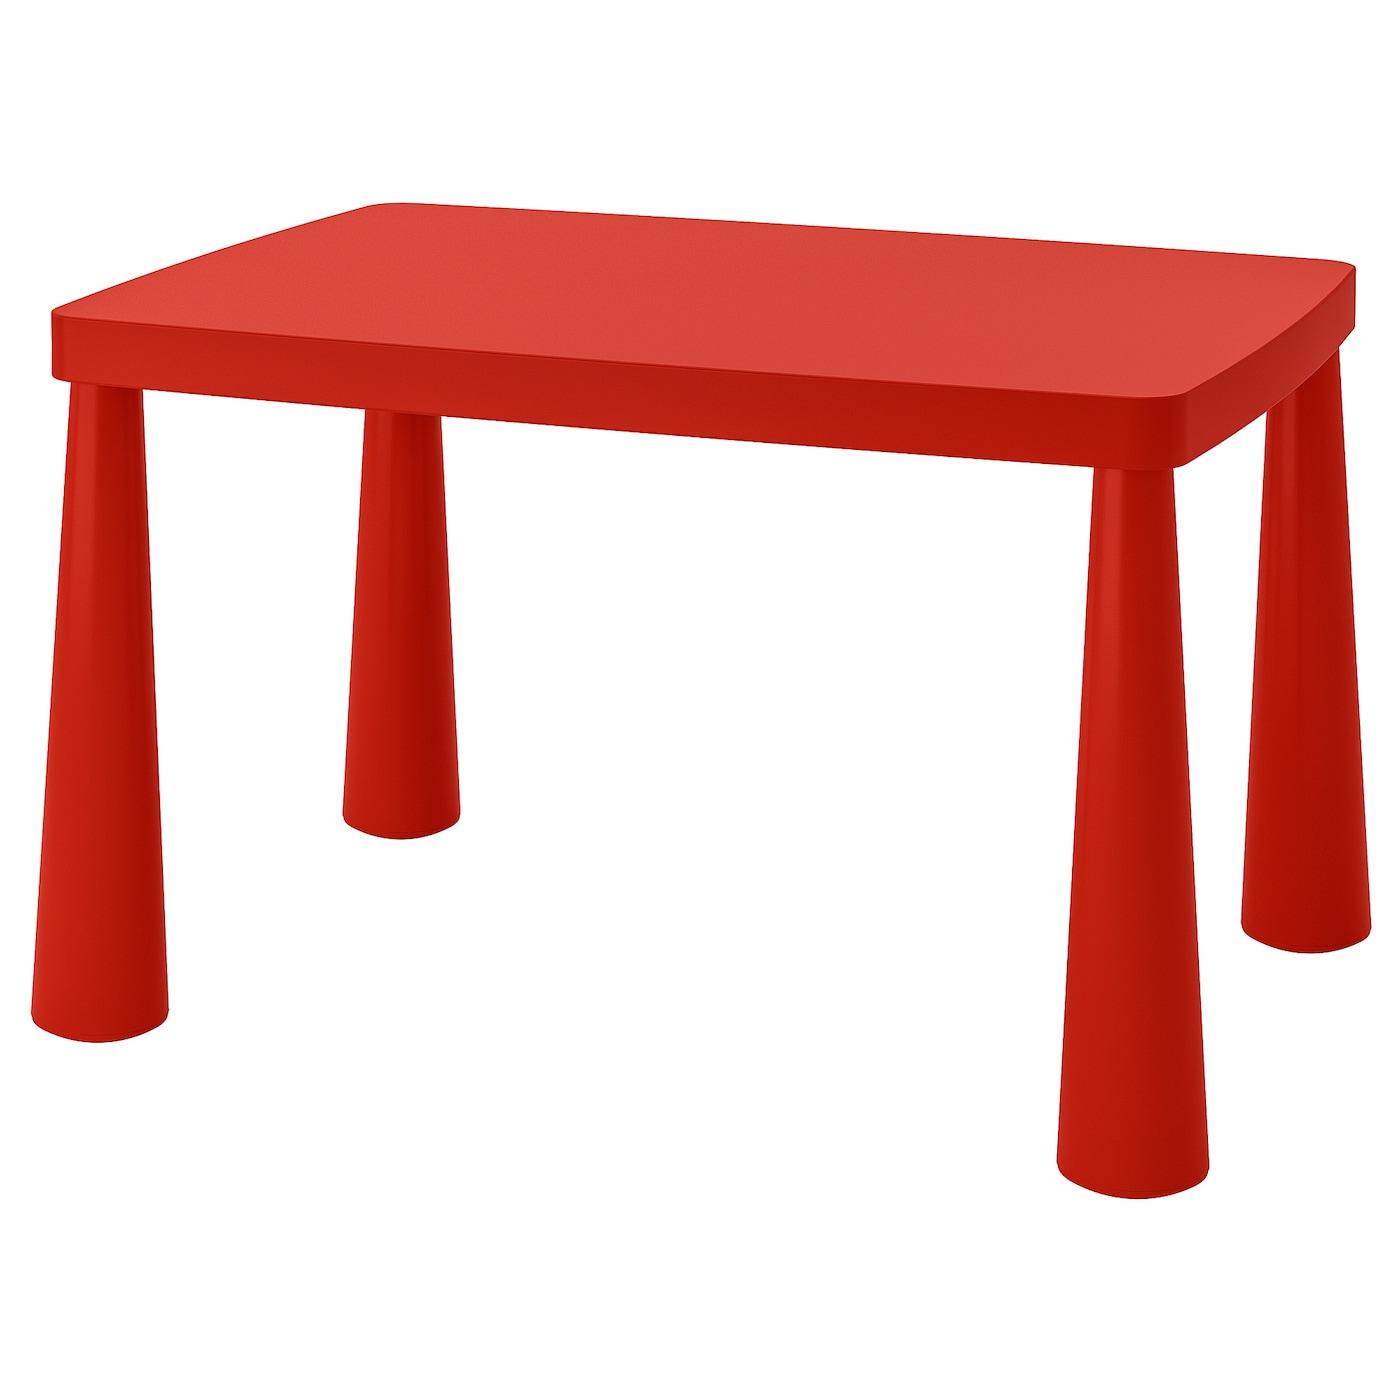 IKEA MAMMUT czerwony stolik dziecięcy, do wewnątrz lub na zewnątrz, 77x55 cm